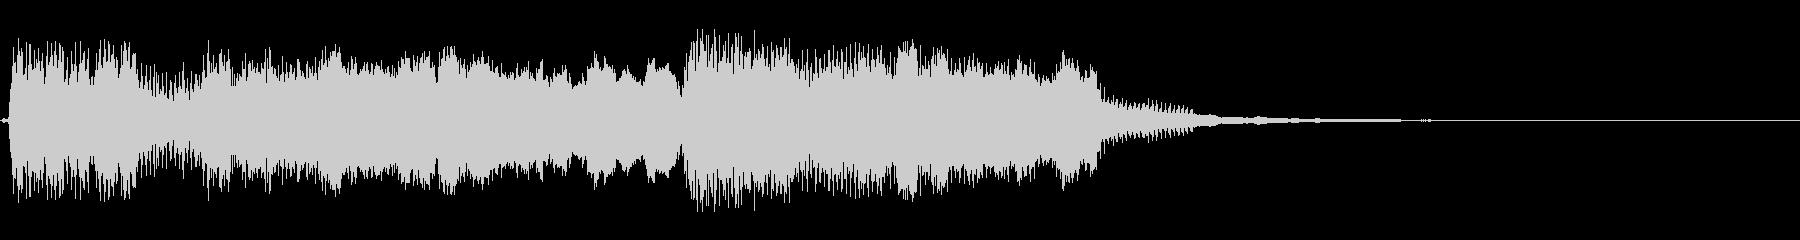 事件が起きたタッチM=弦とFl・シンバルの未再生の波形